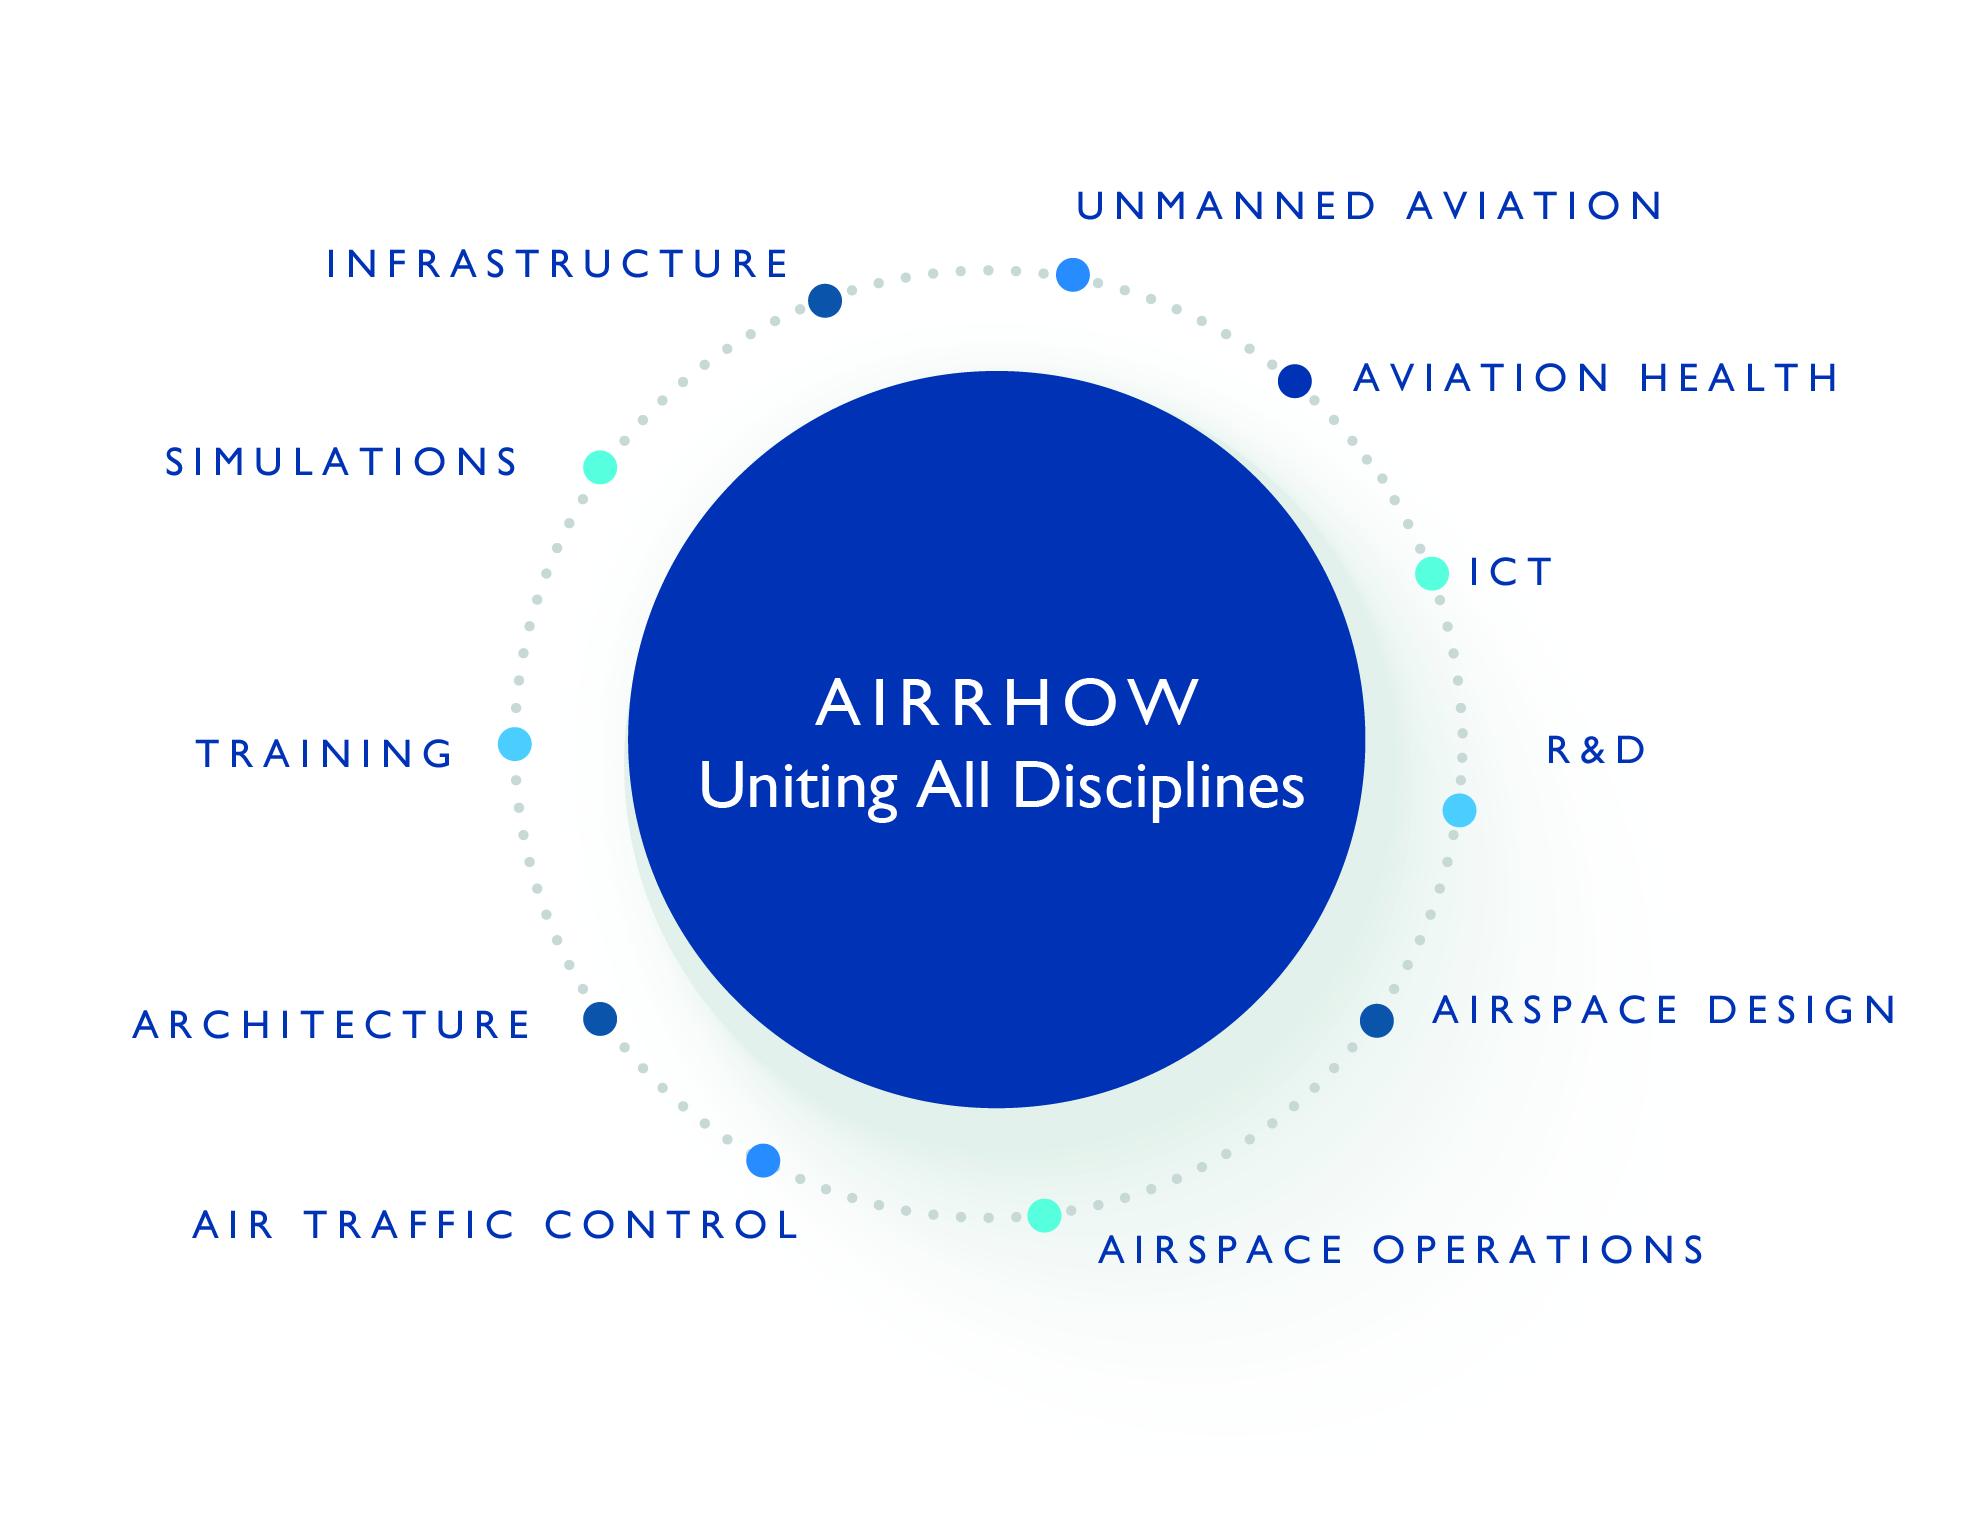 AiRRhow aviation alliance